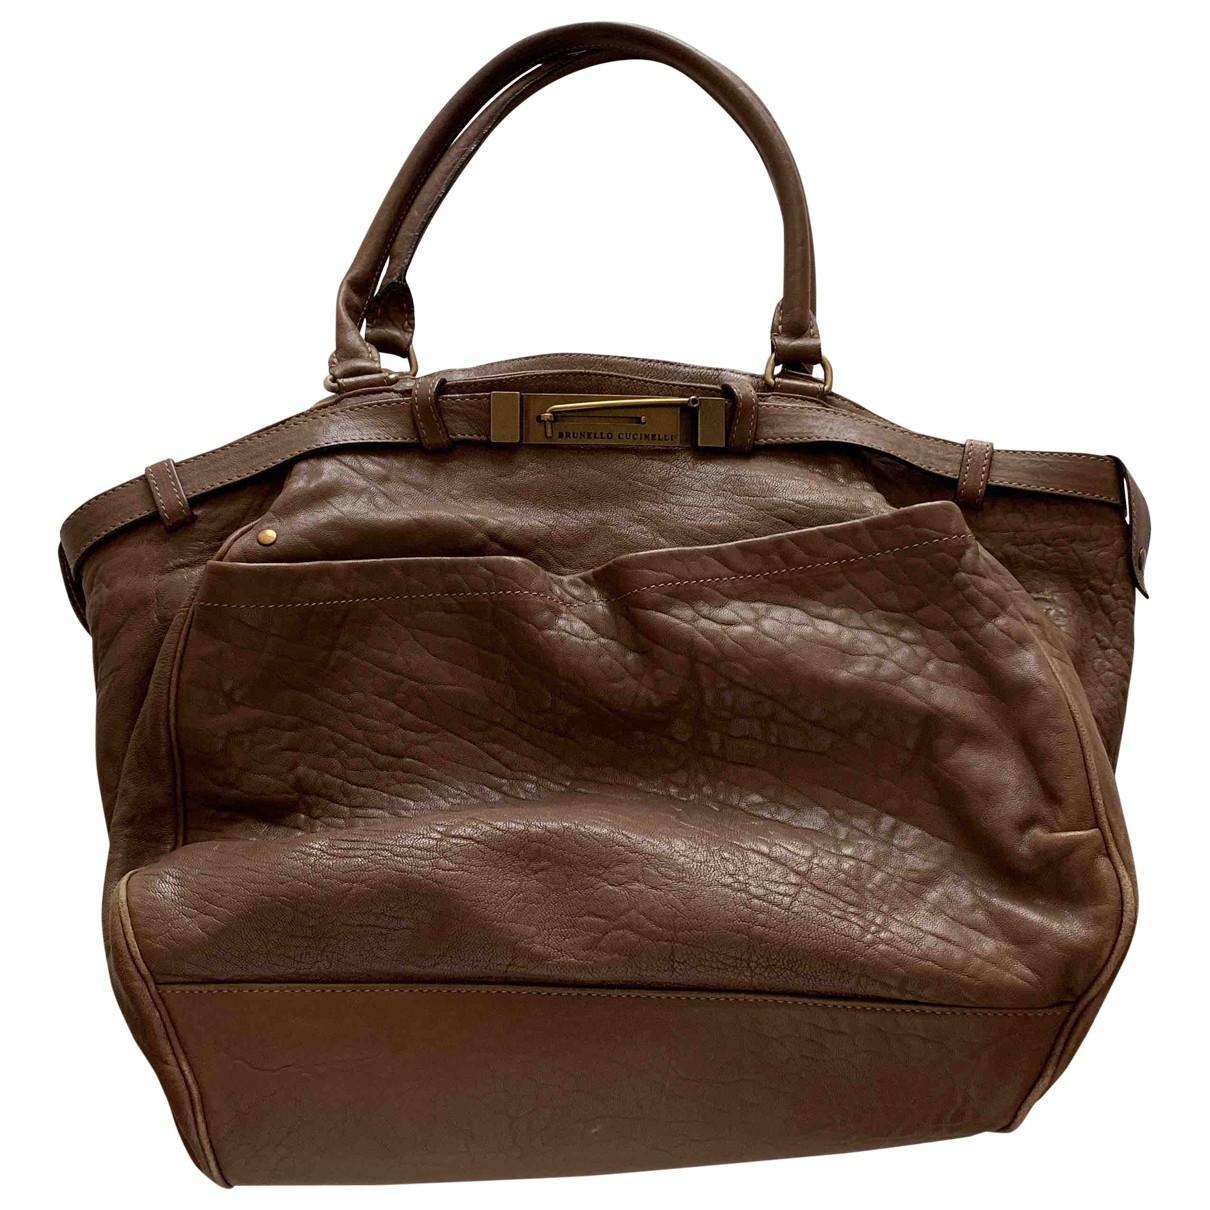 Brunello Cucinelli \N Handtasche in  Braun Leder